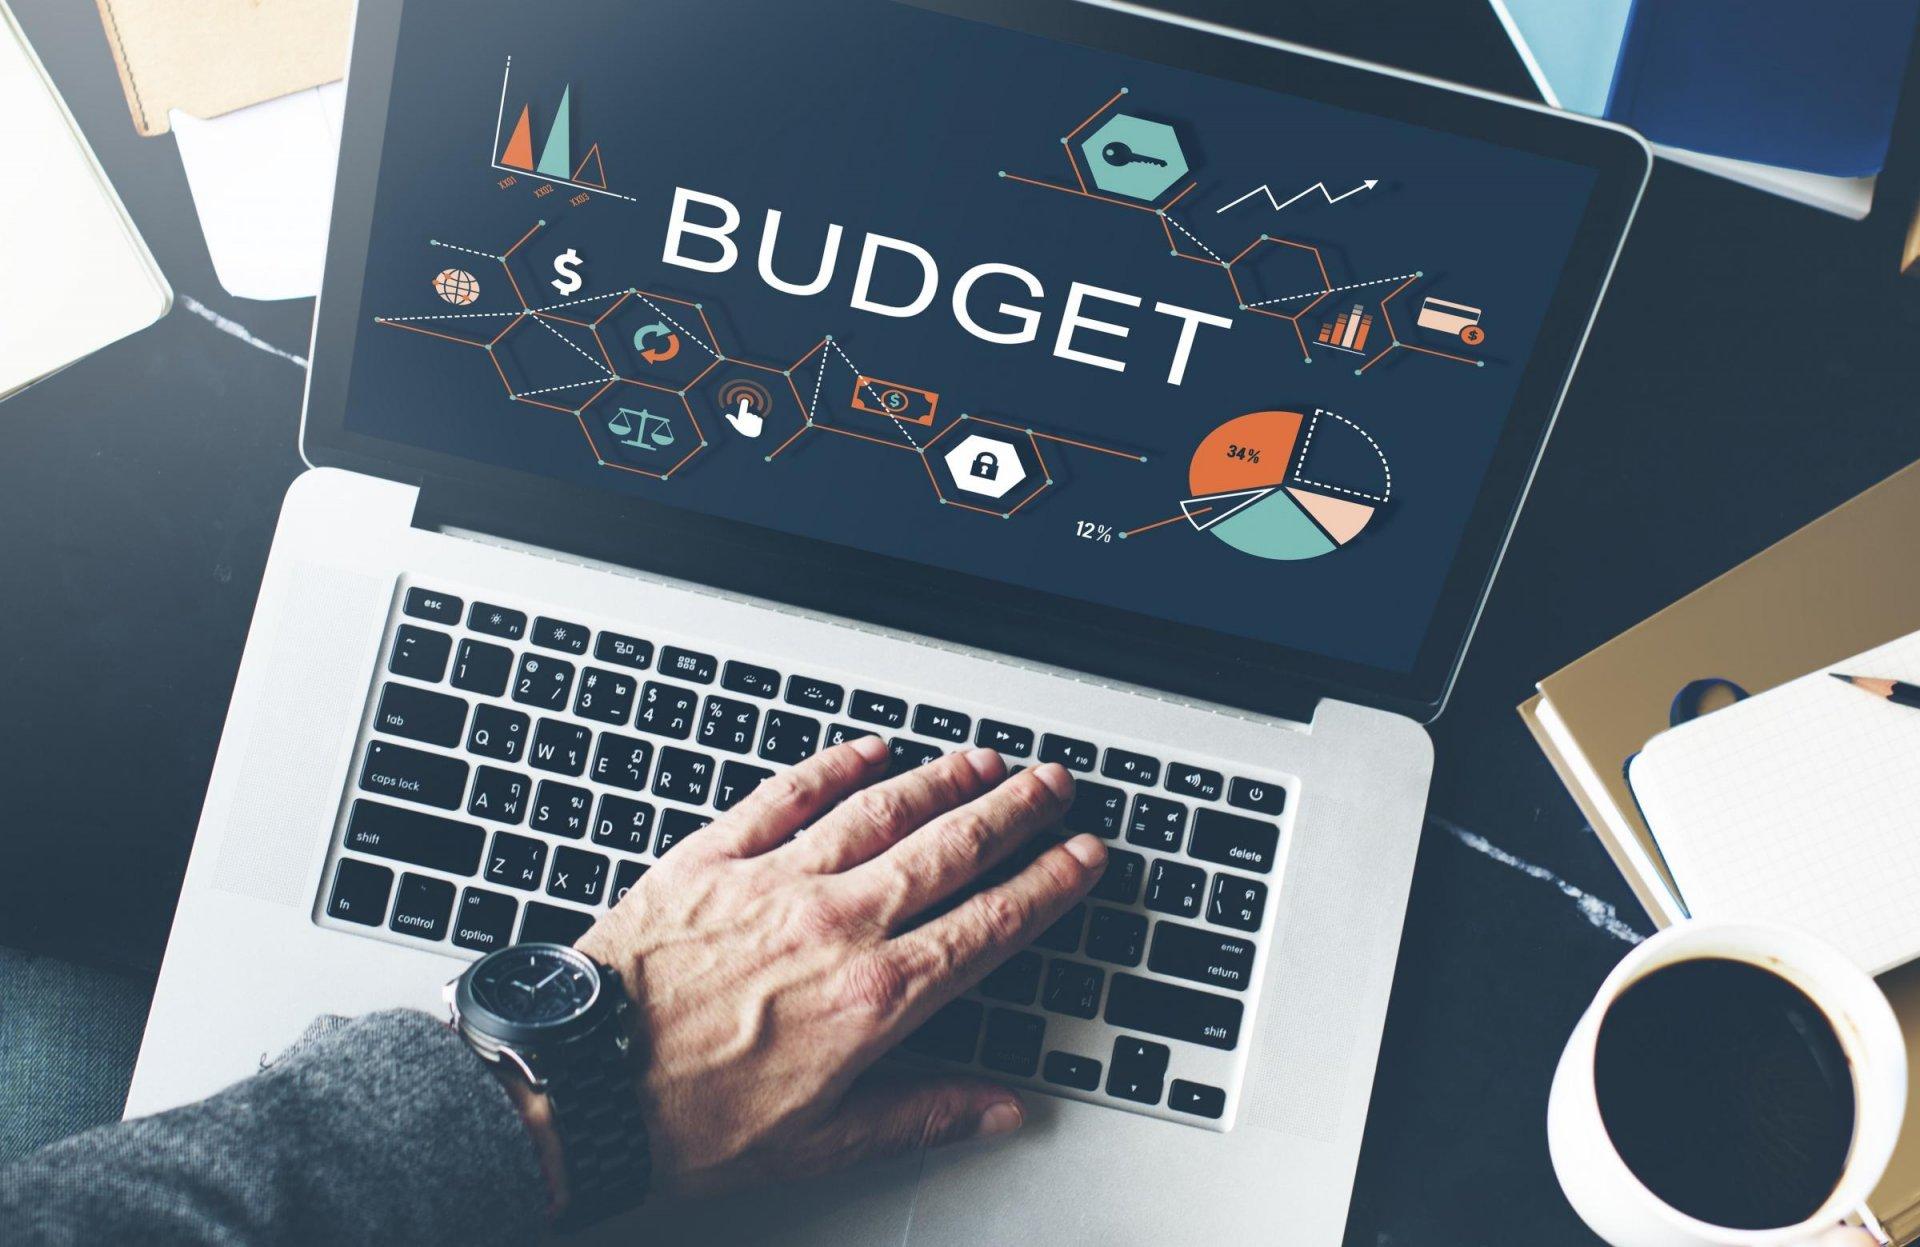 ERP системийн хөрөнгө оруулалтыг тооцох 10 чухал үзүүлэлт